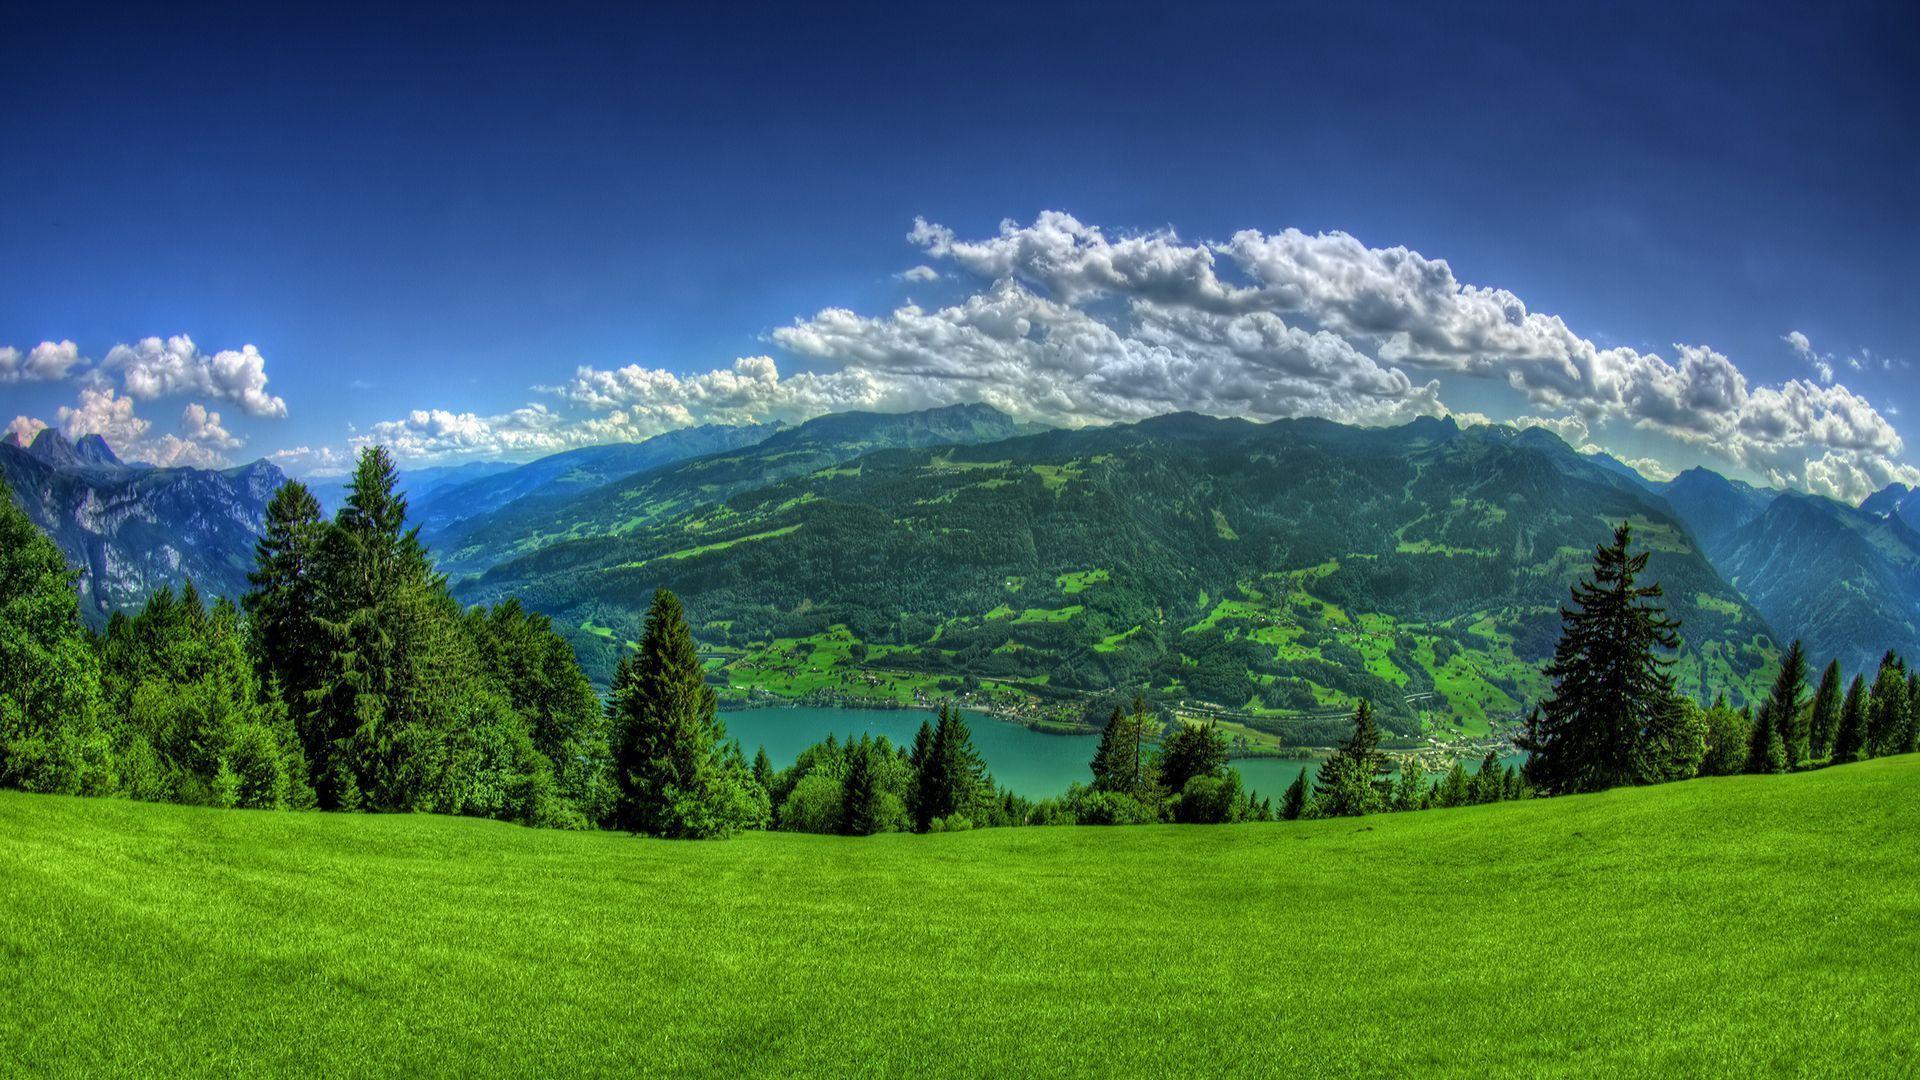 красивая картинка небеса